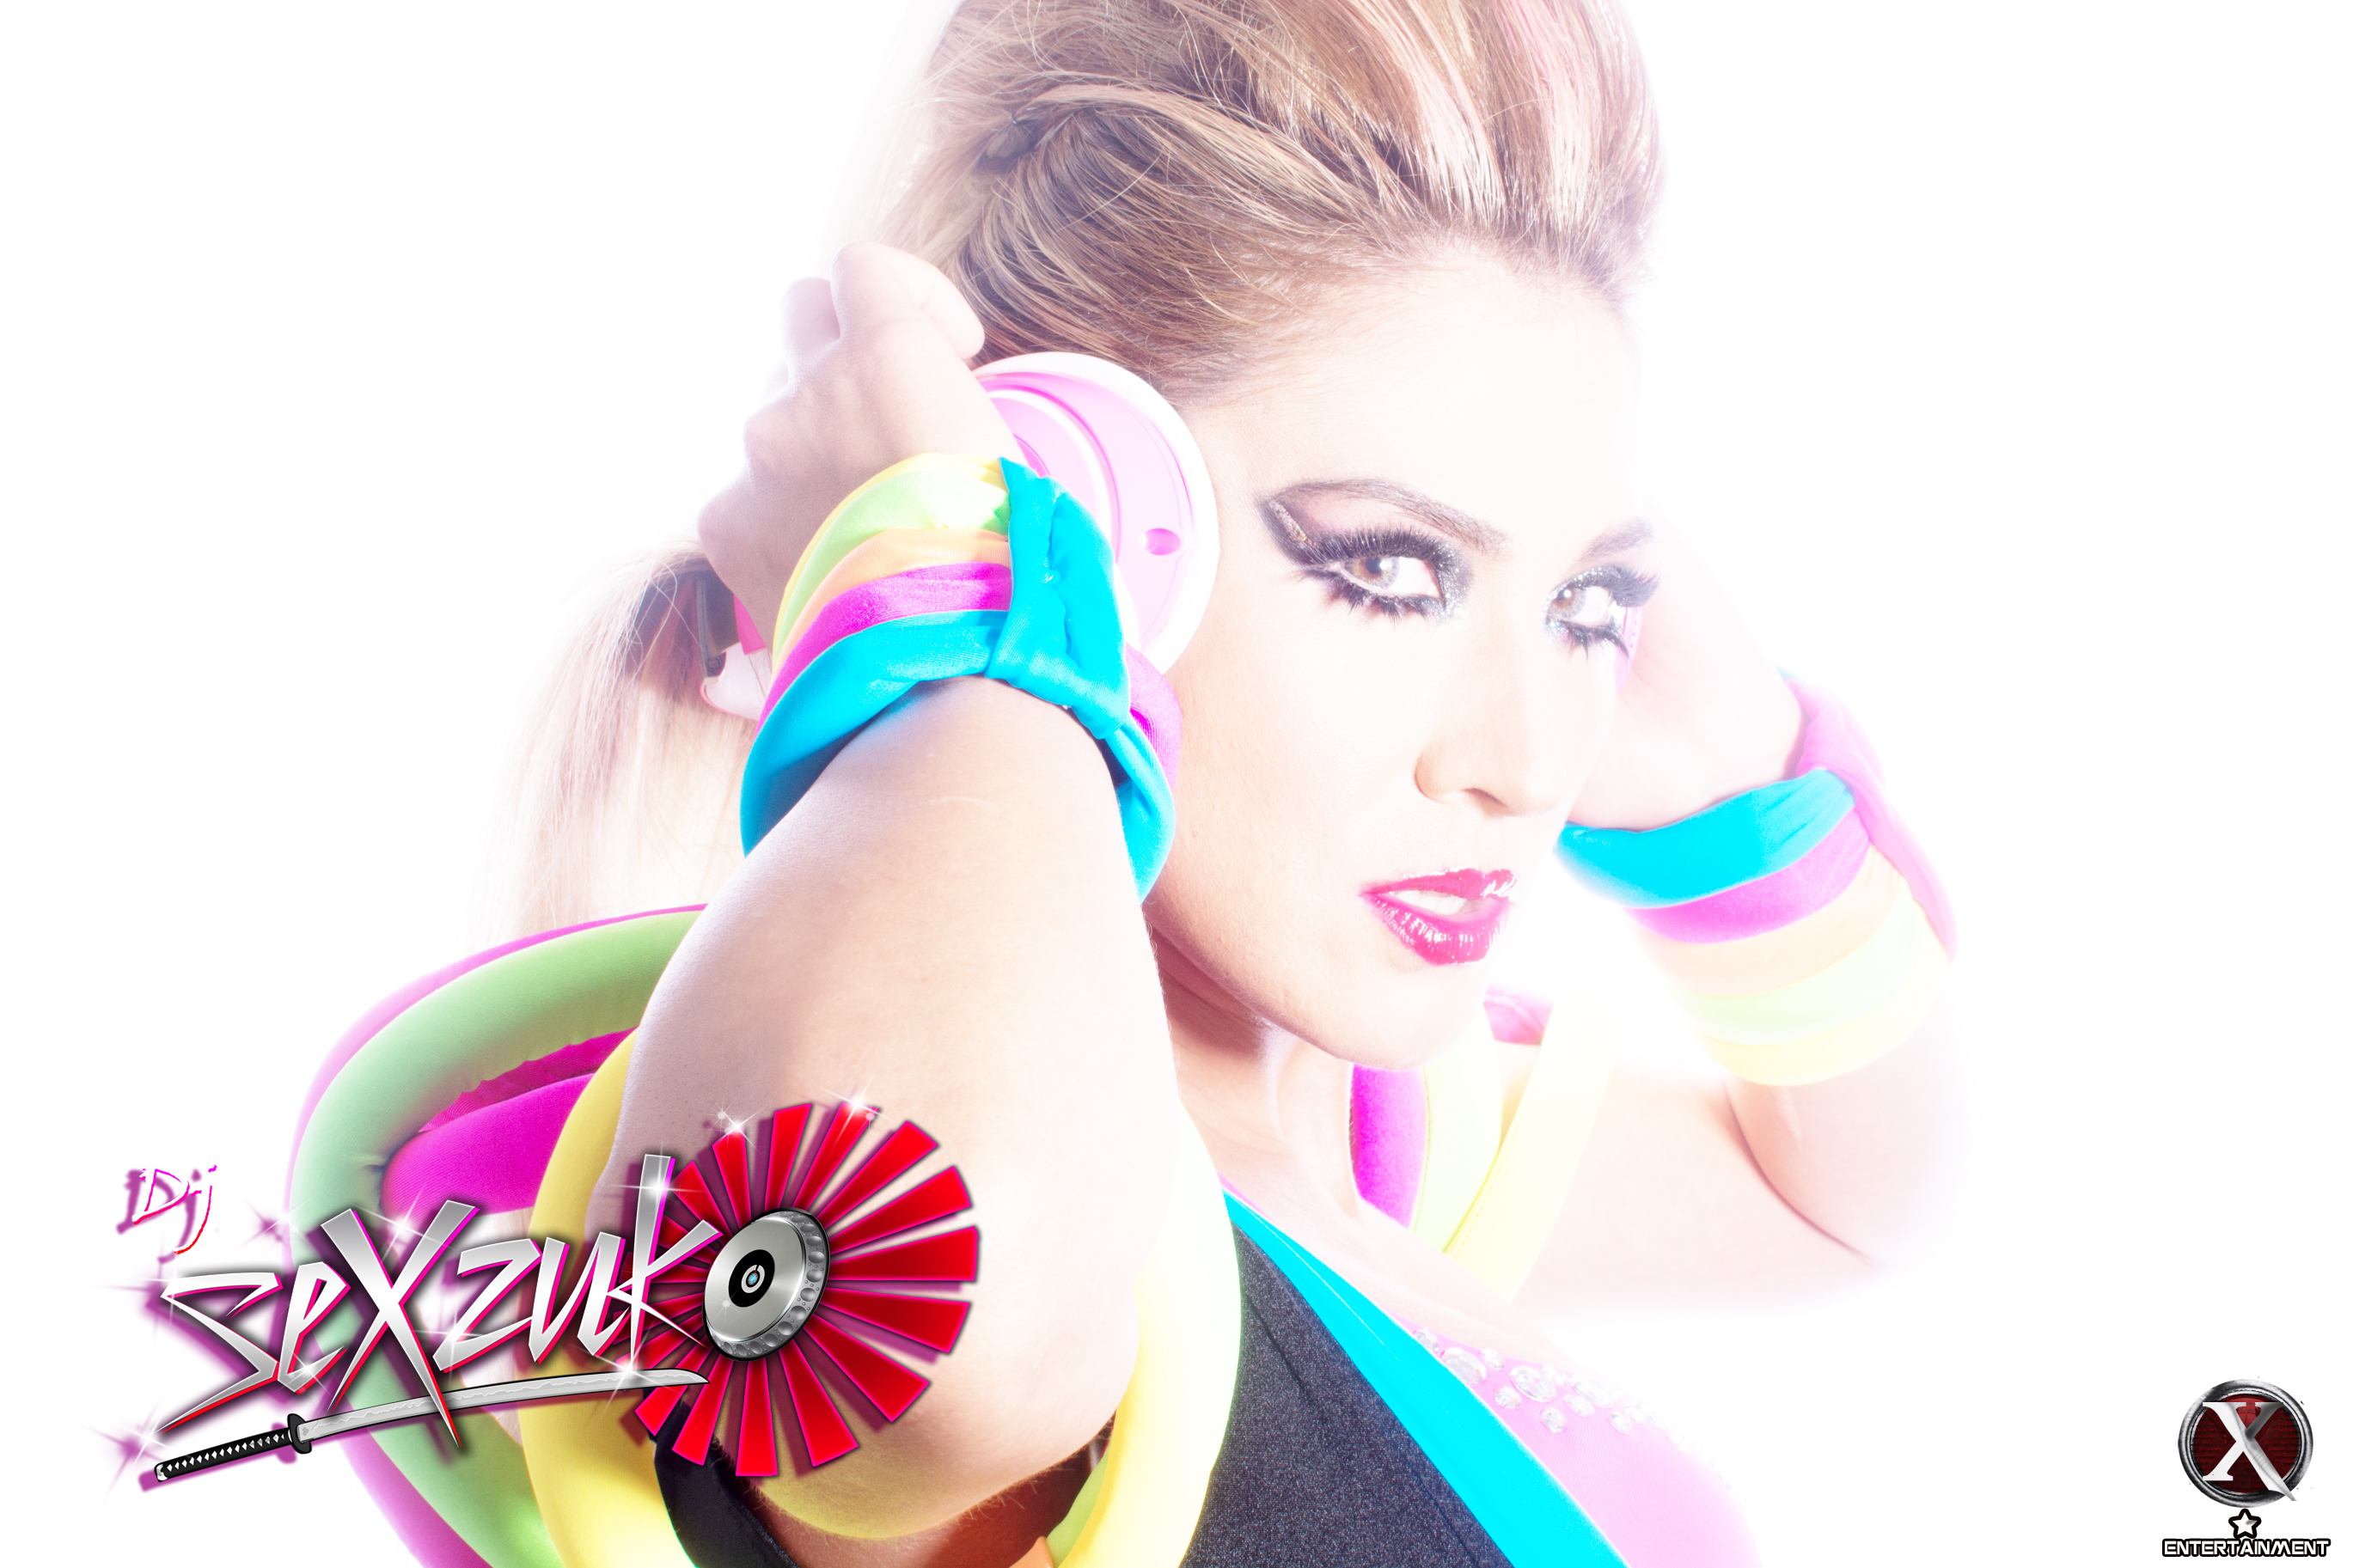 DJ SEXZUKO